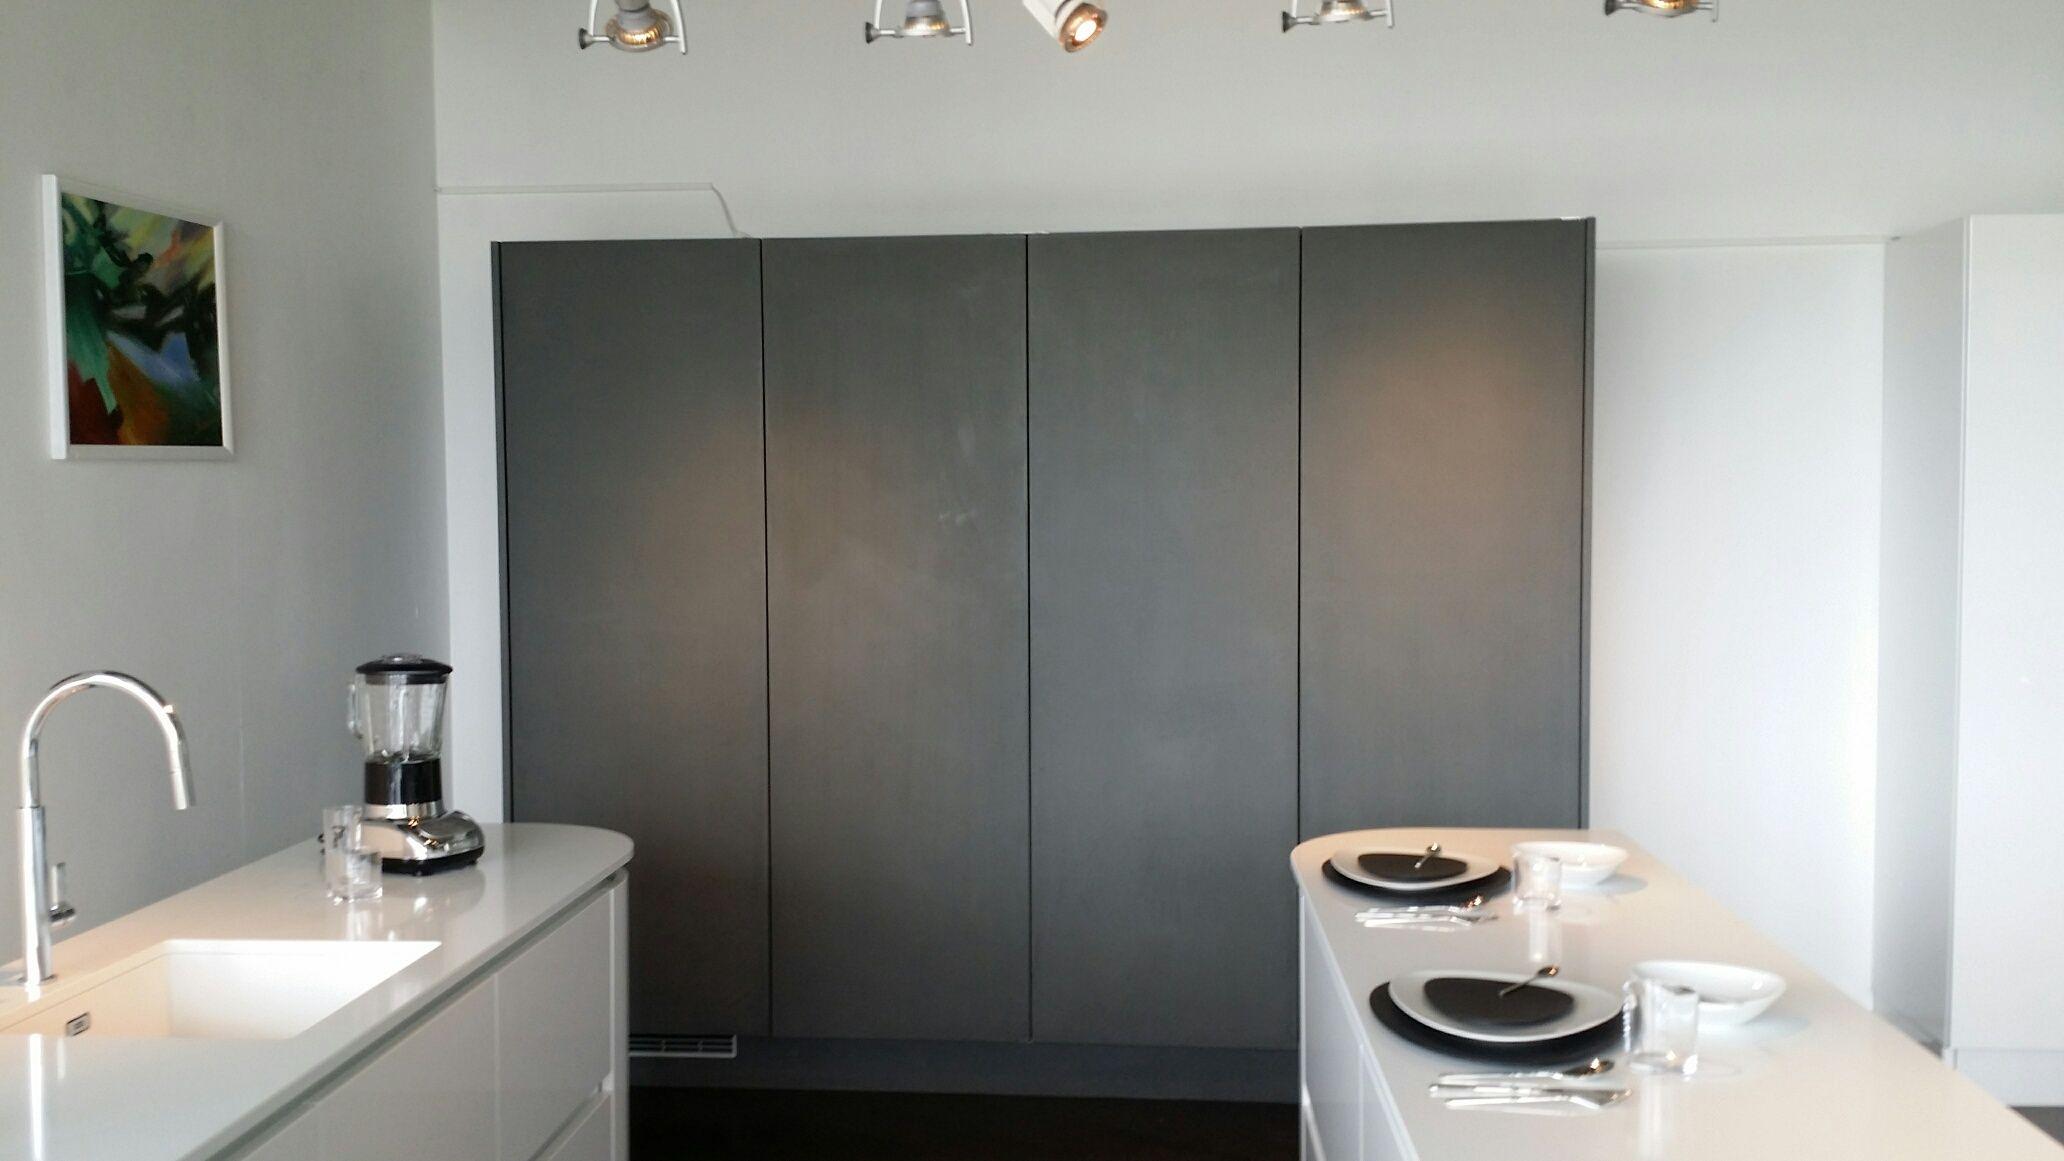 Ronde Design Keukens : ... keukens voor zeer lage keuken prijzen Aster ...